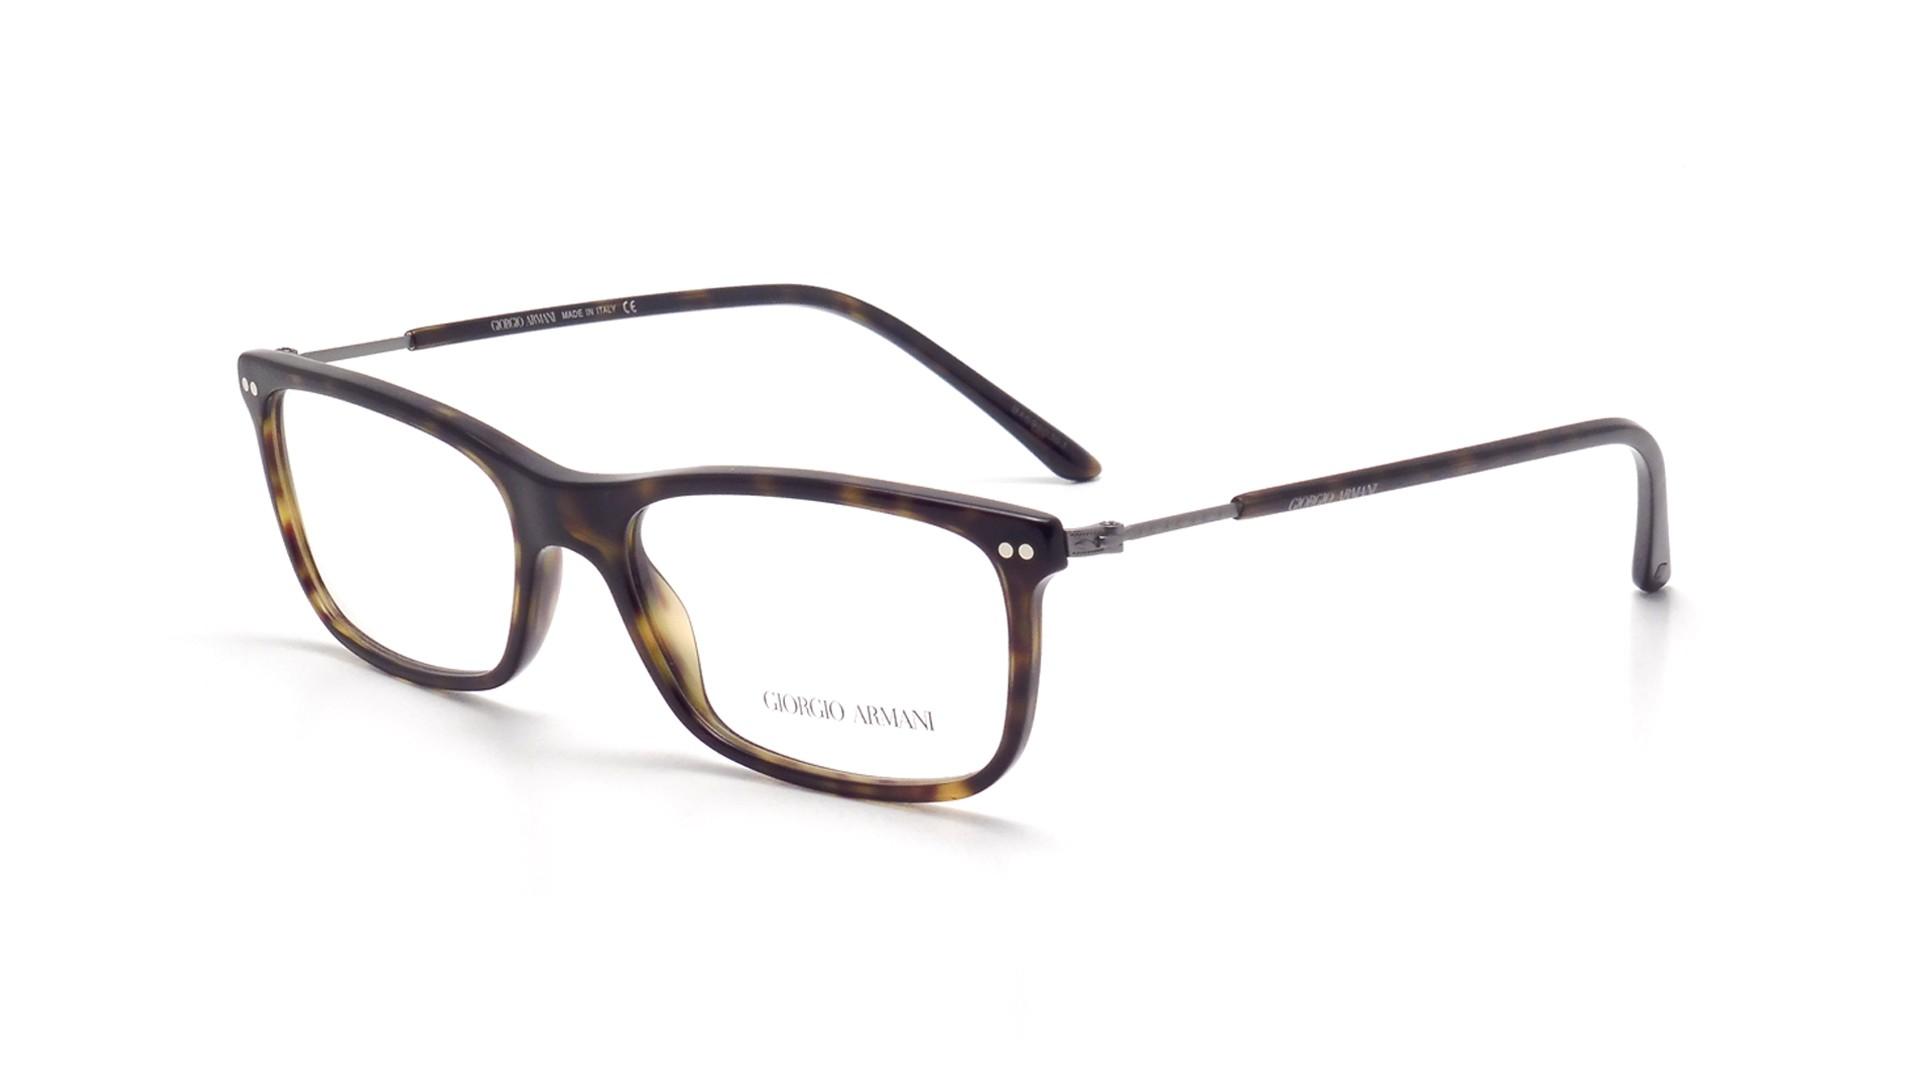 cba96efca535 Eyeglasses Giorgio Armani Frames of Life Tortoise AR7085 5026 54-17 Medium